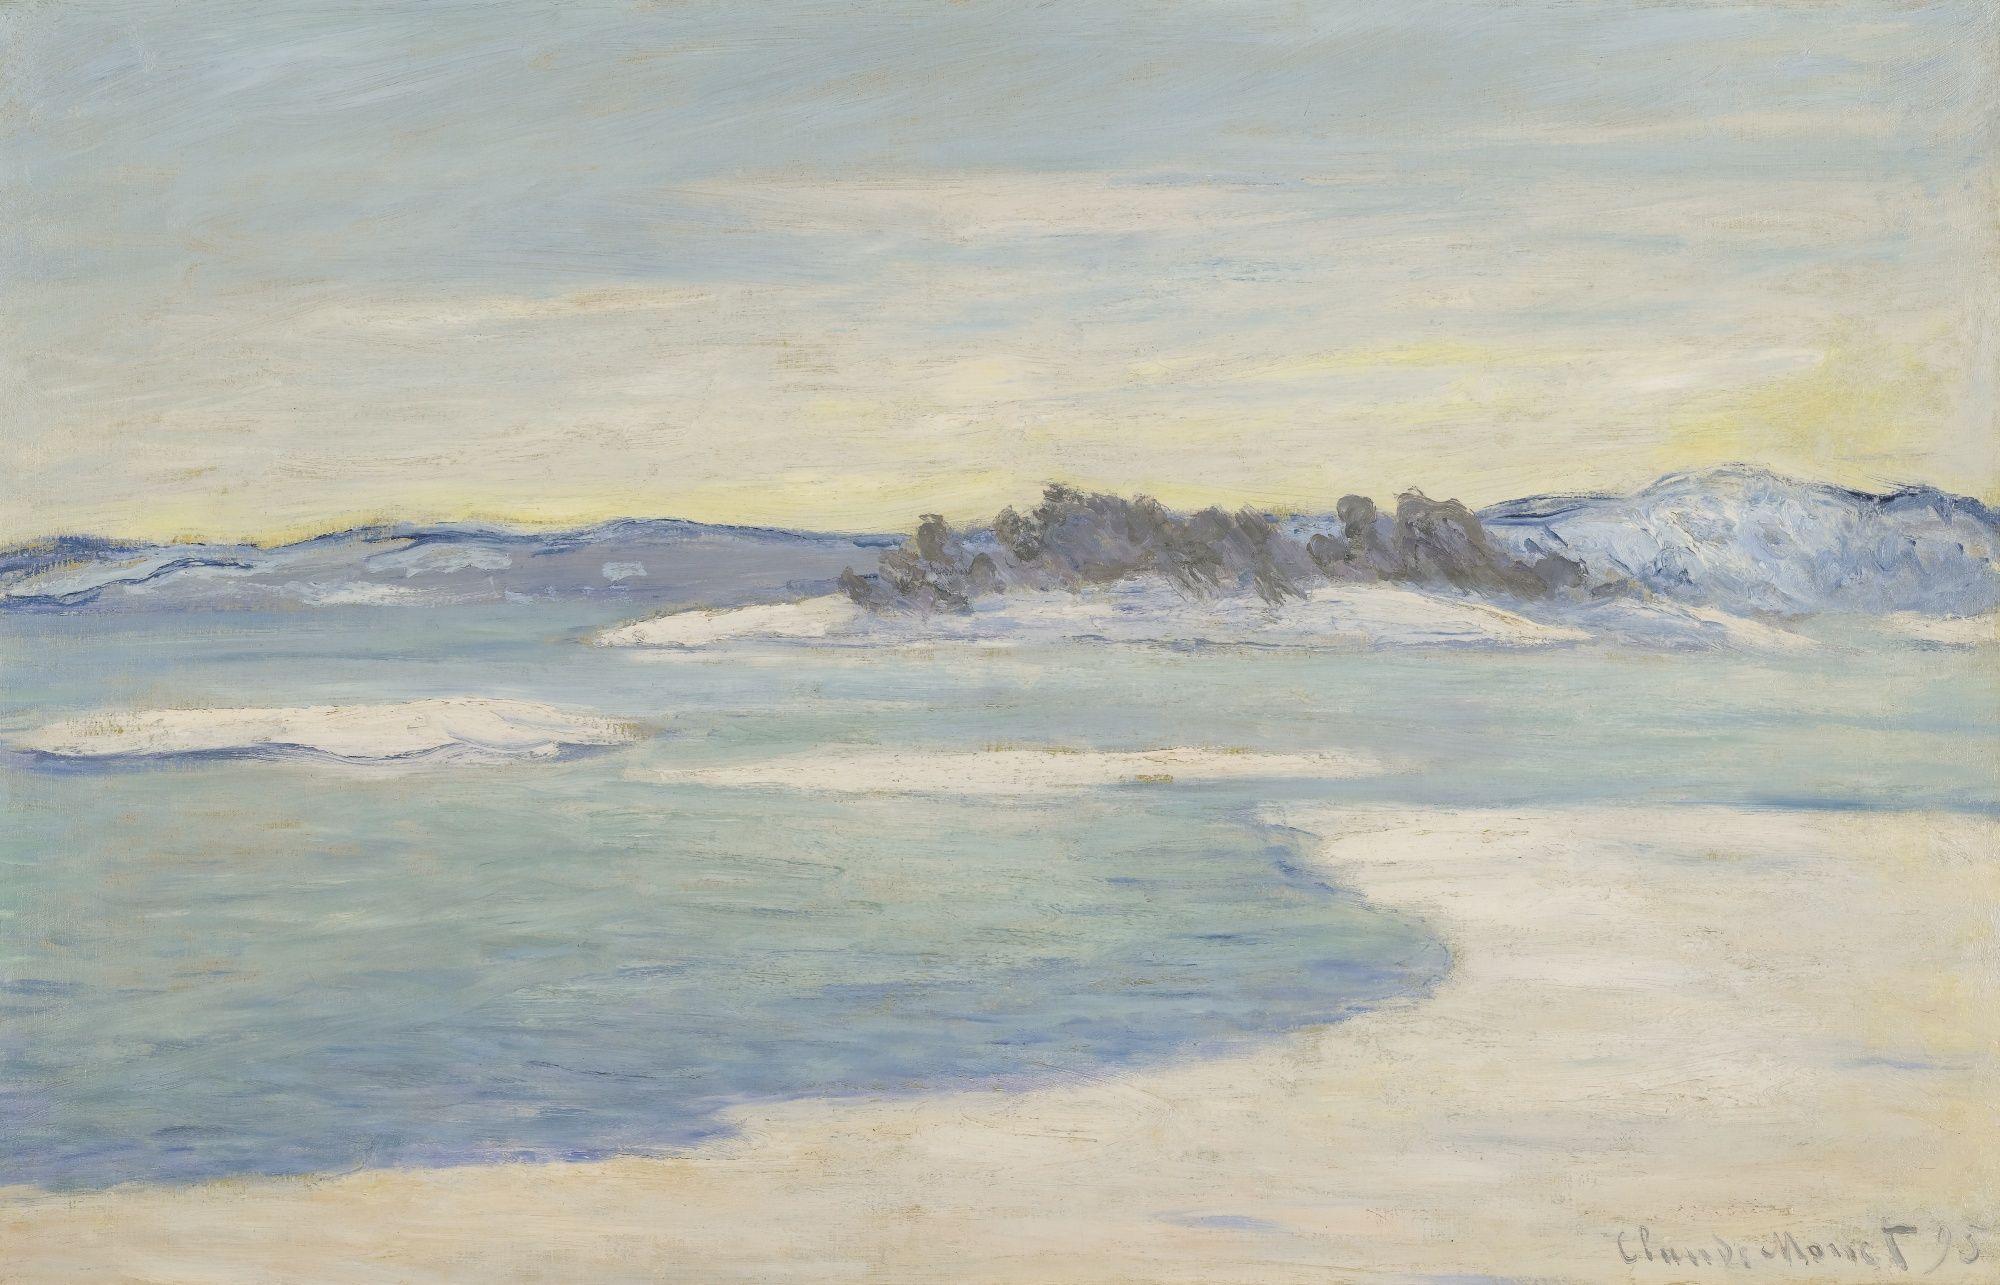 monet, claude au bord du fjord, pr | landscape | Claude monet, Monet, Art